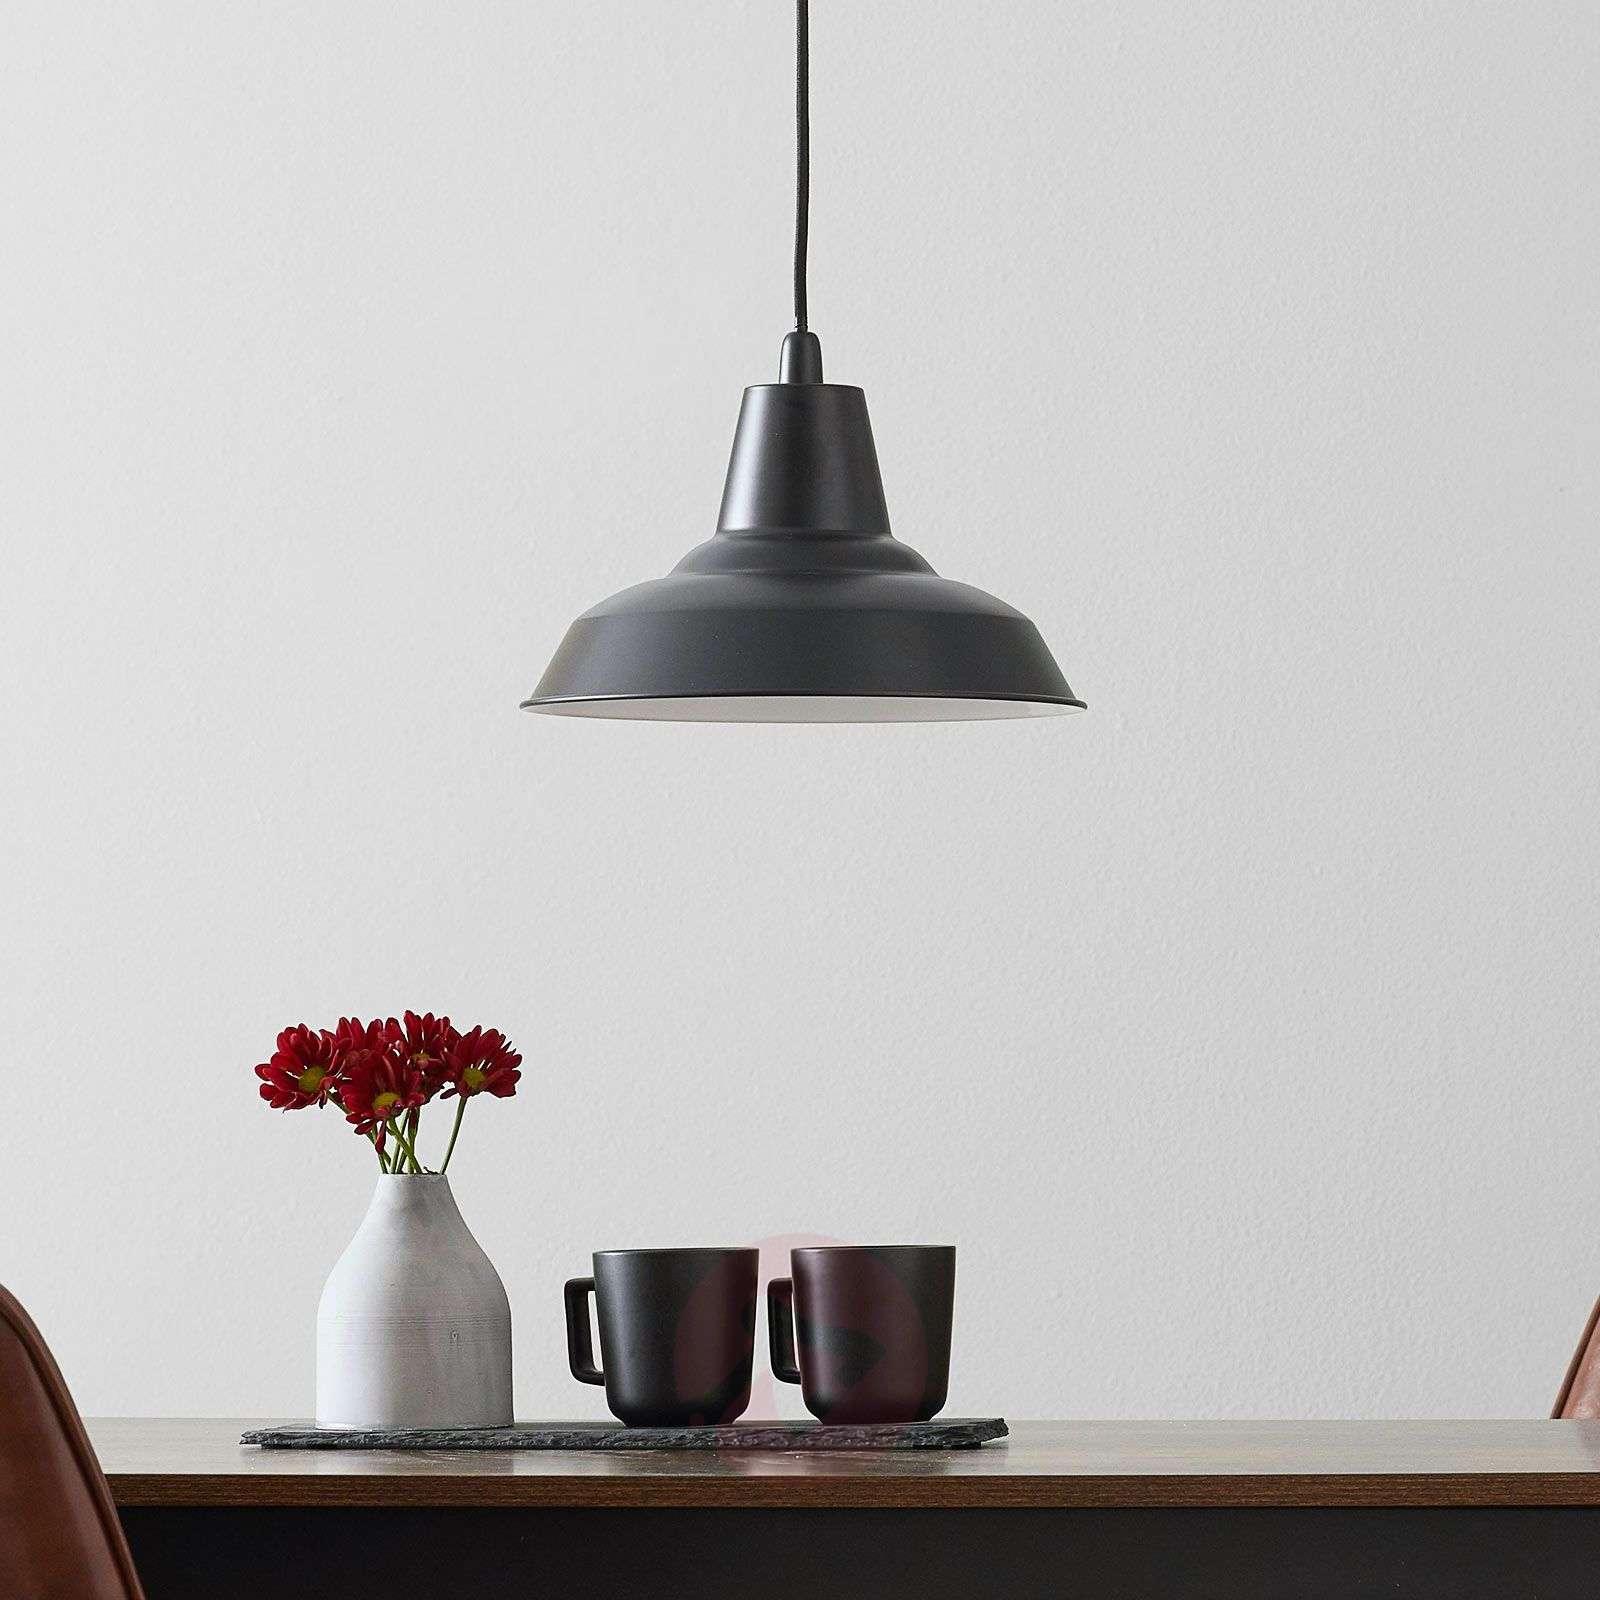 Musta Lyne-metalliriippuvalo-7006011-01